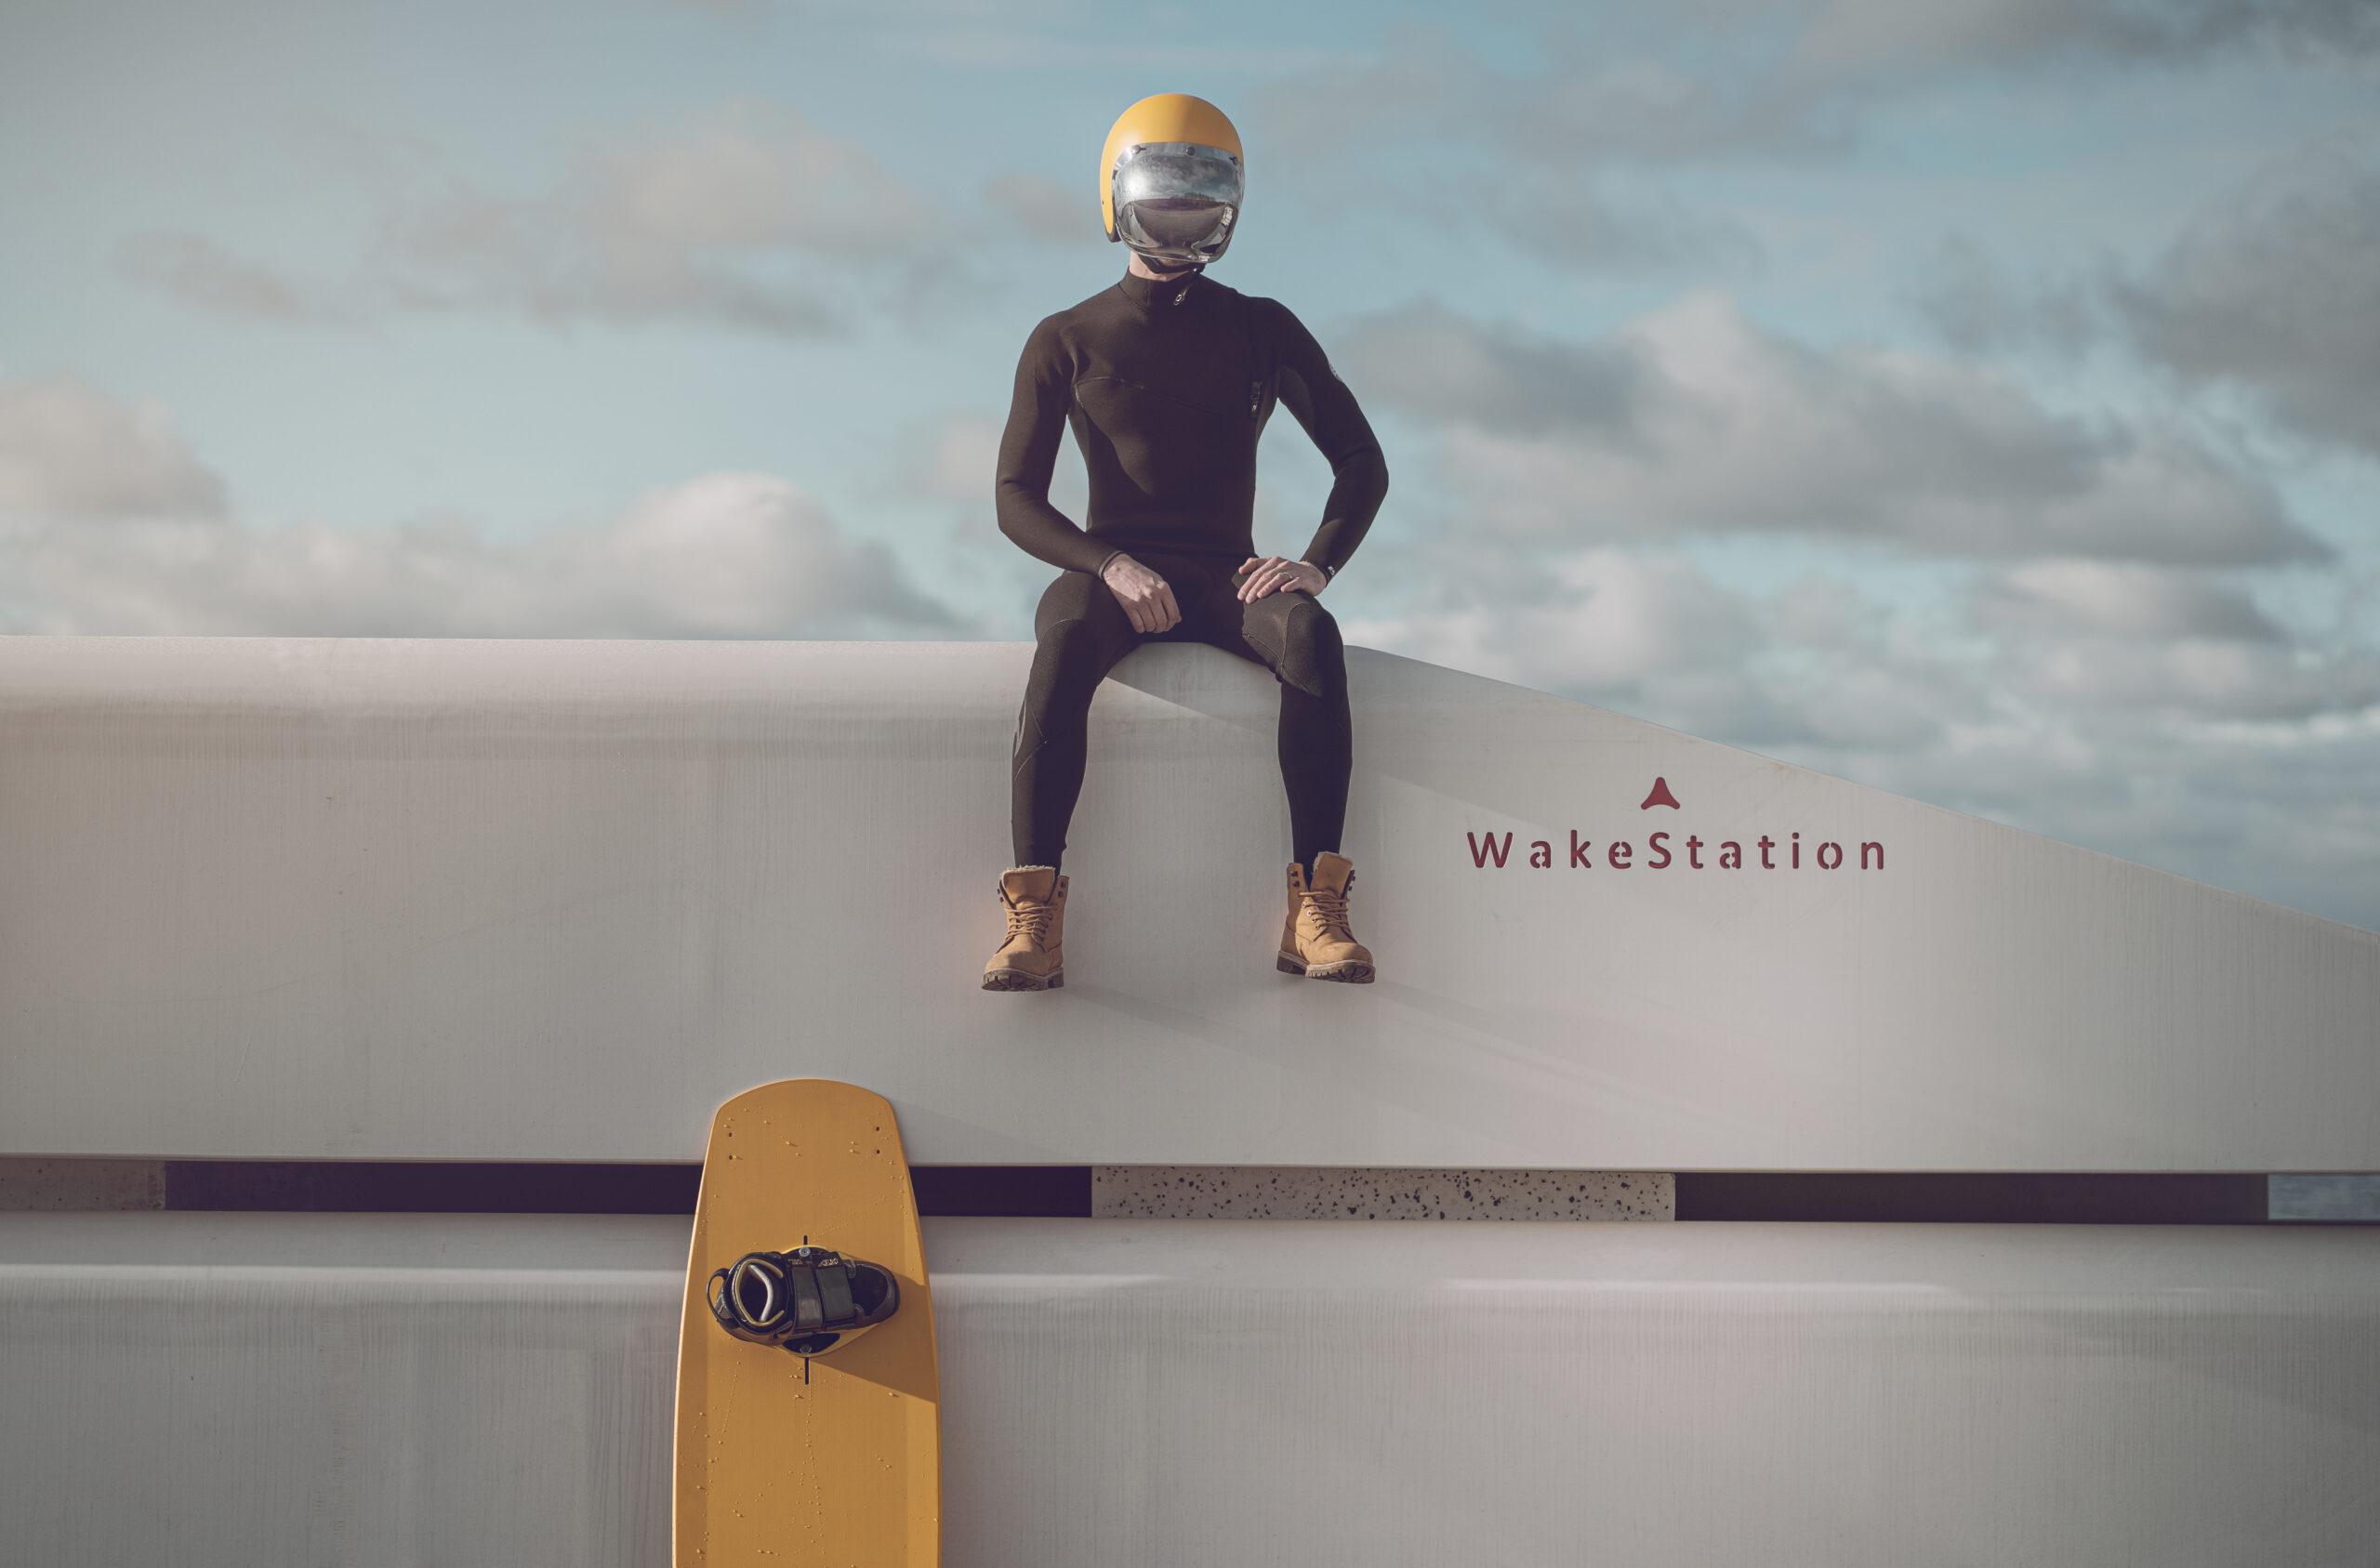 Wpark kasutab kodumaise WakeStationi toodangut